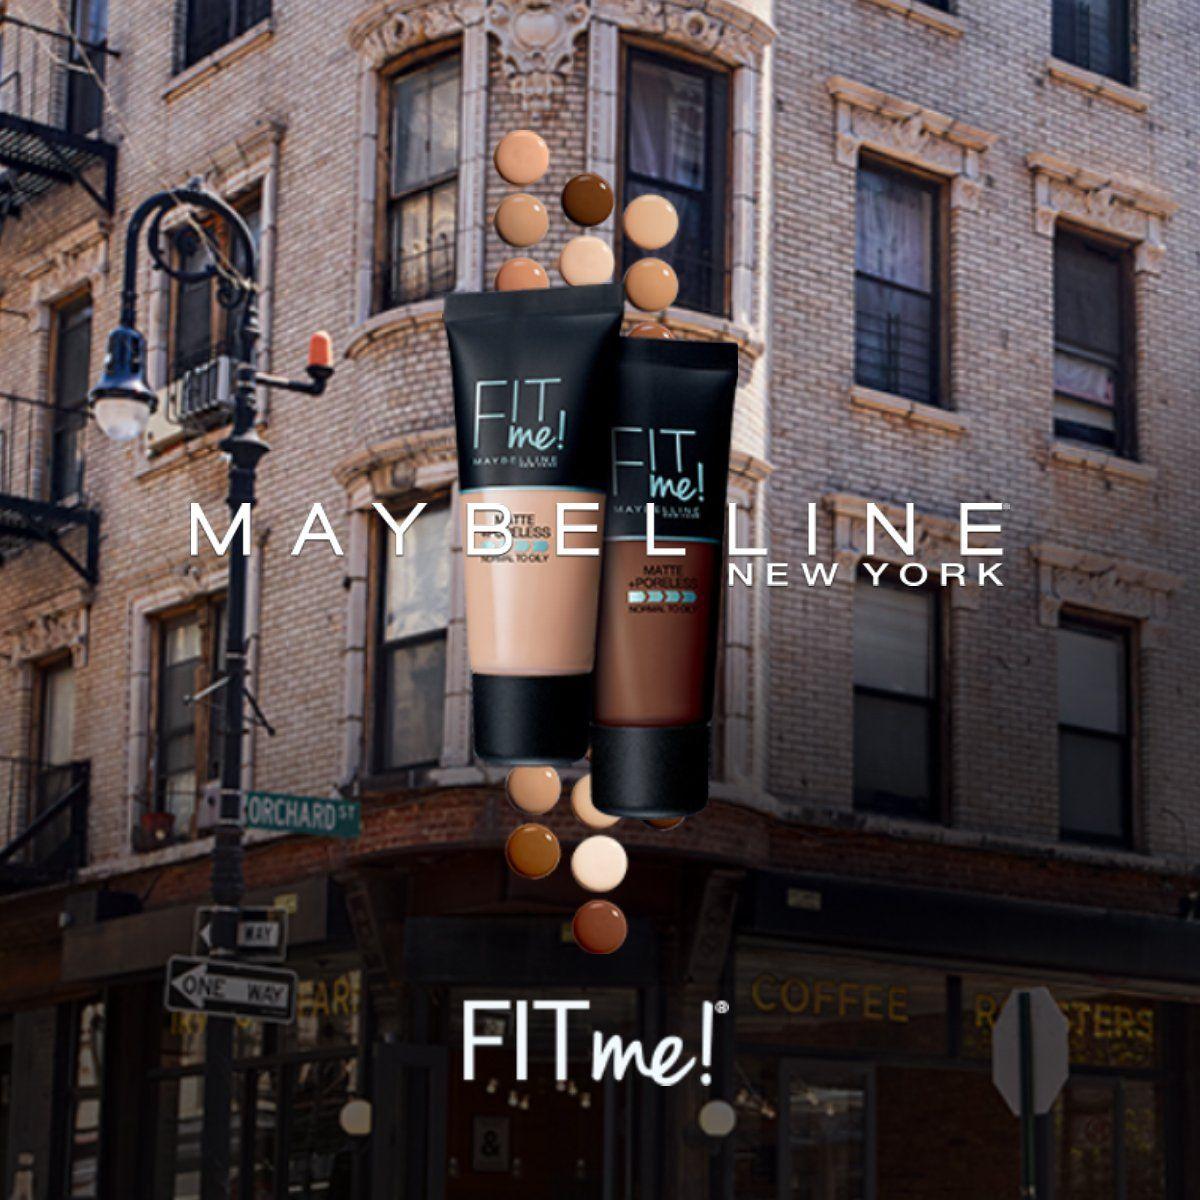 أفضل مستحضرات التجميل من ميبيلين نيويورك مع خصم إضافي 20 على منتجات مختارة عند استخدام كوبون Summer20 تسوقي الآن Nutribullet Blender Nutribullet Blender